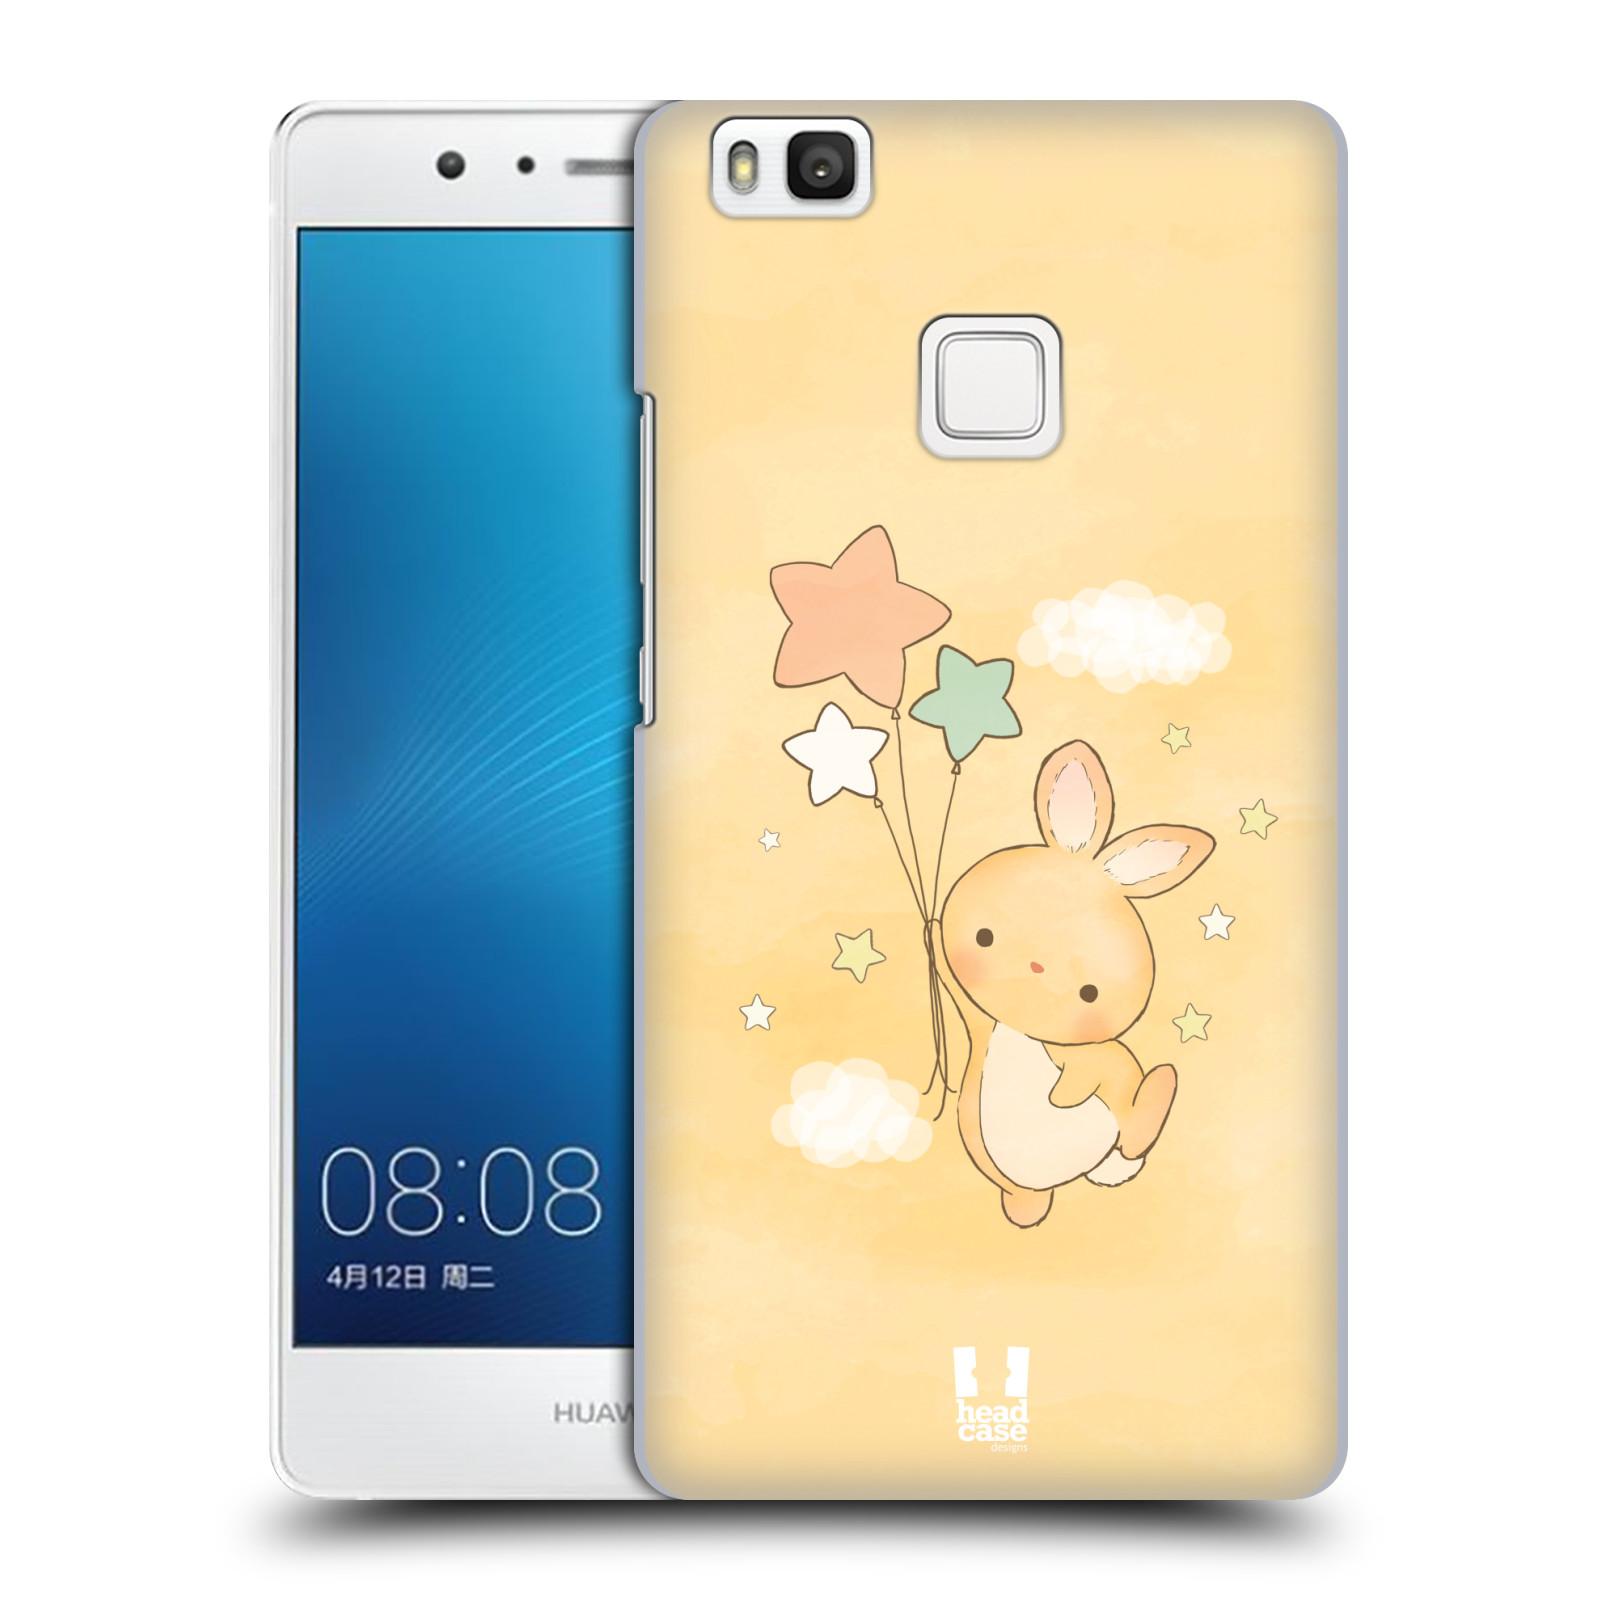 HEAD CASE plastový obal na mobil Huawei P9 LITE / P9 LITE DUAL SIM vzor králíček a hvězdy žlutá